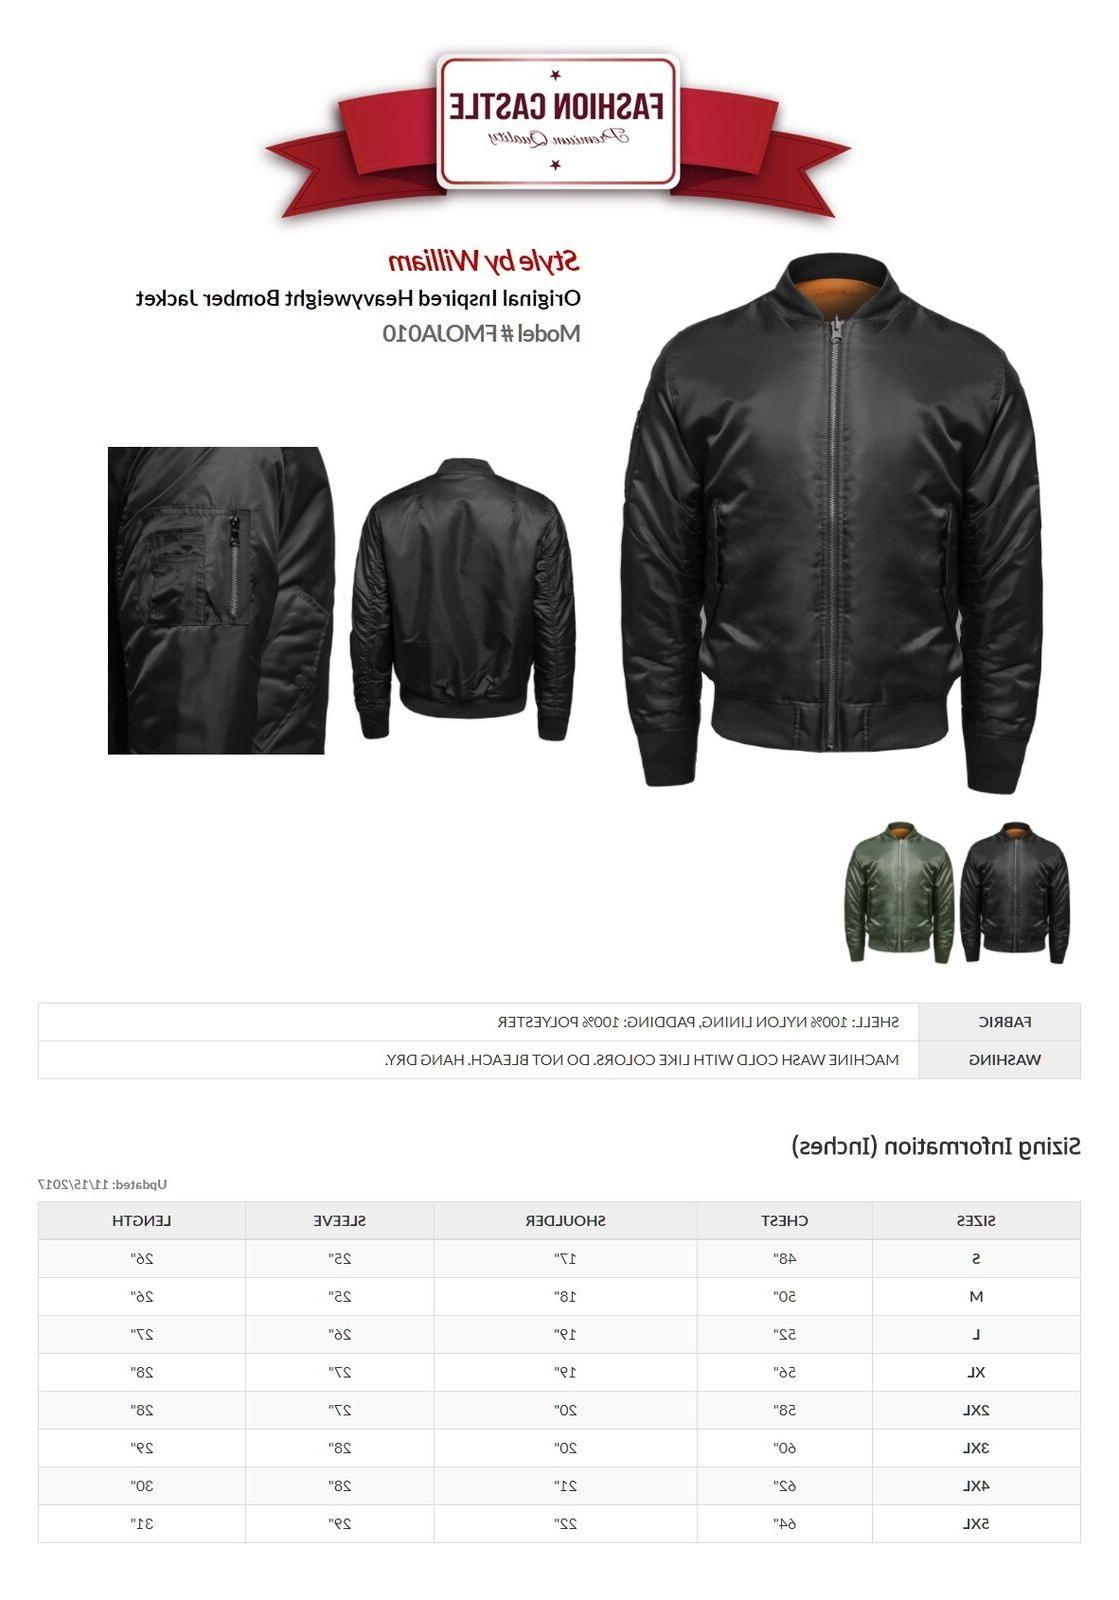 FashionOutfit Men's Classic Air Zipper Details Jacket